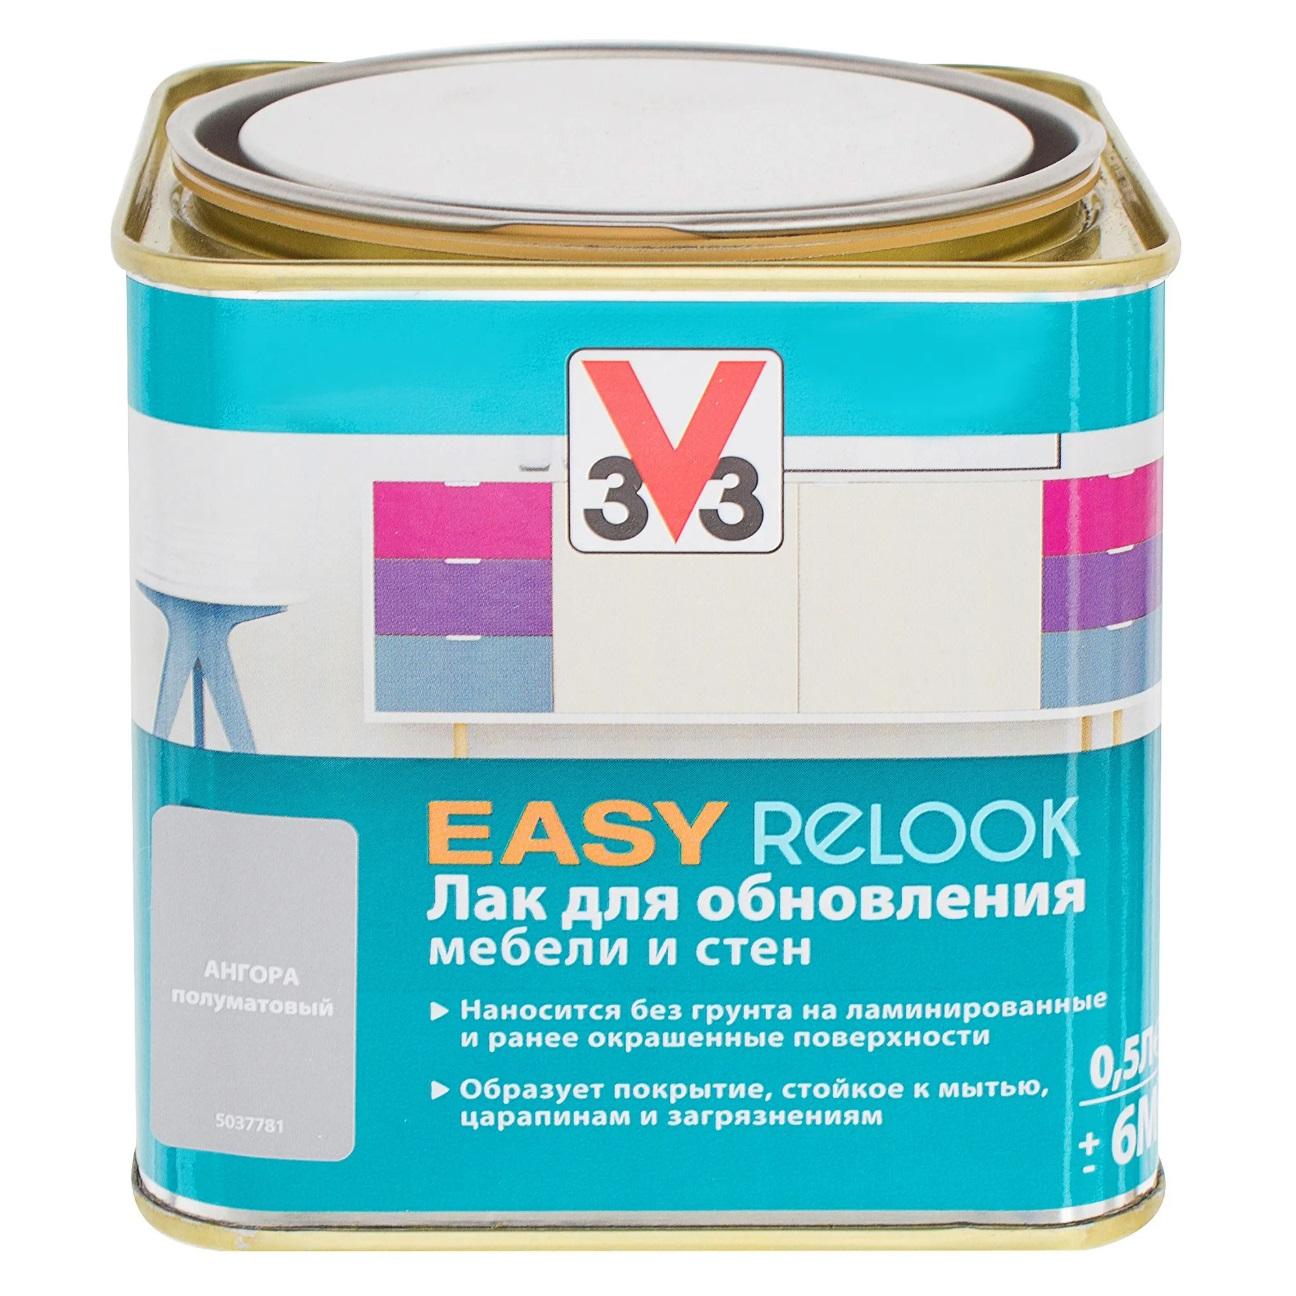 Лак мебельный V33 easy relook ангора 0.5л лак для мебели easy relook v33 полуматовая ангора 0 5л